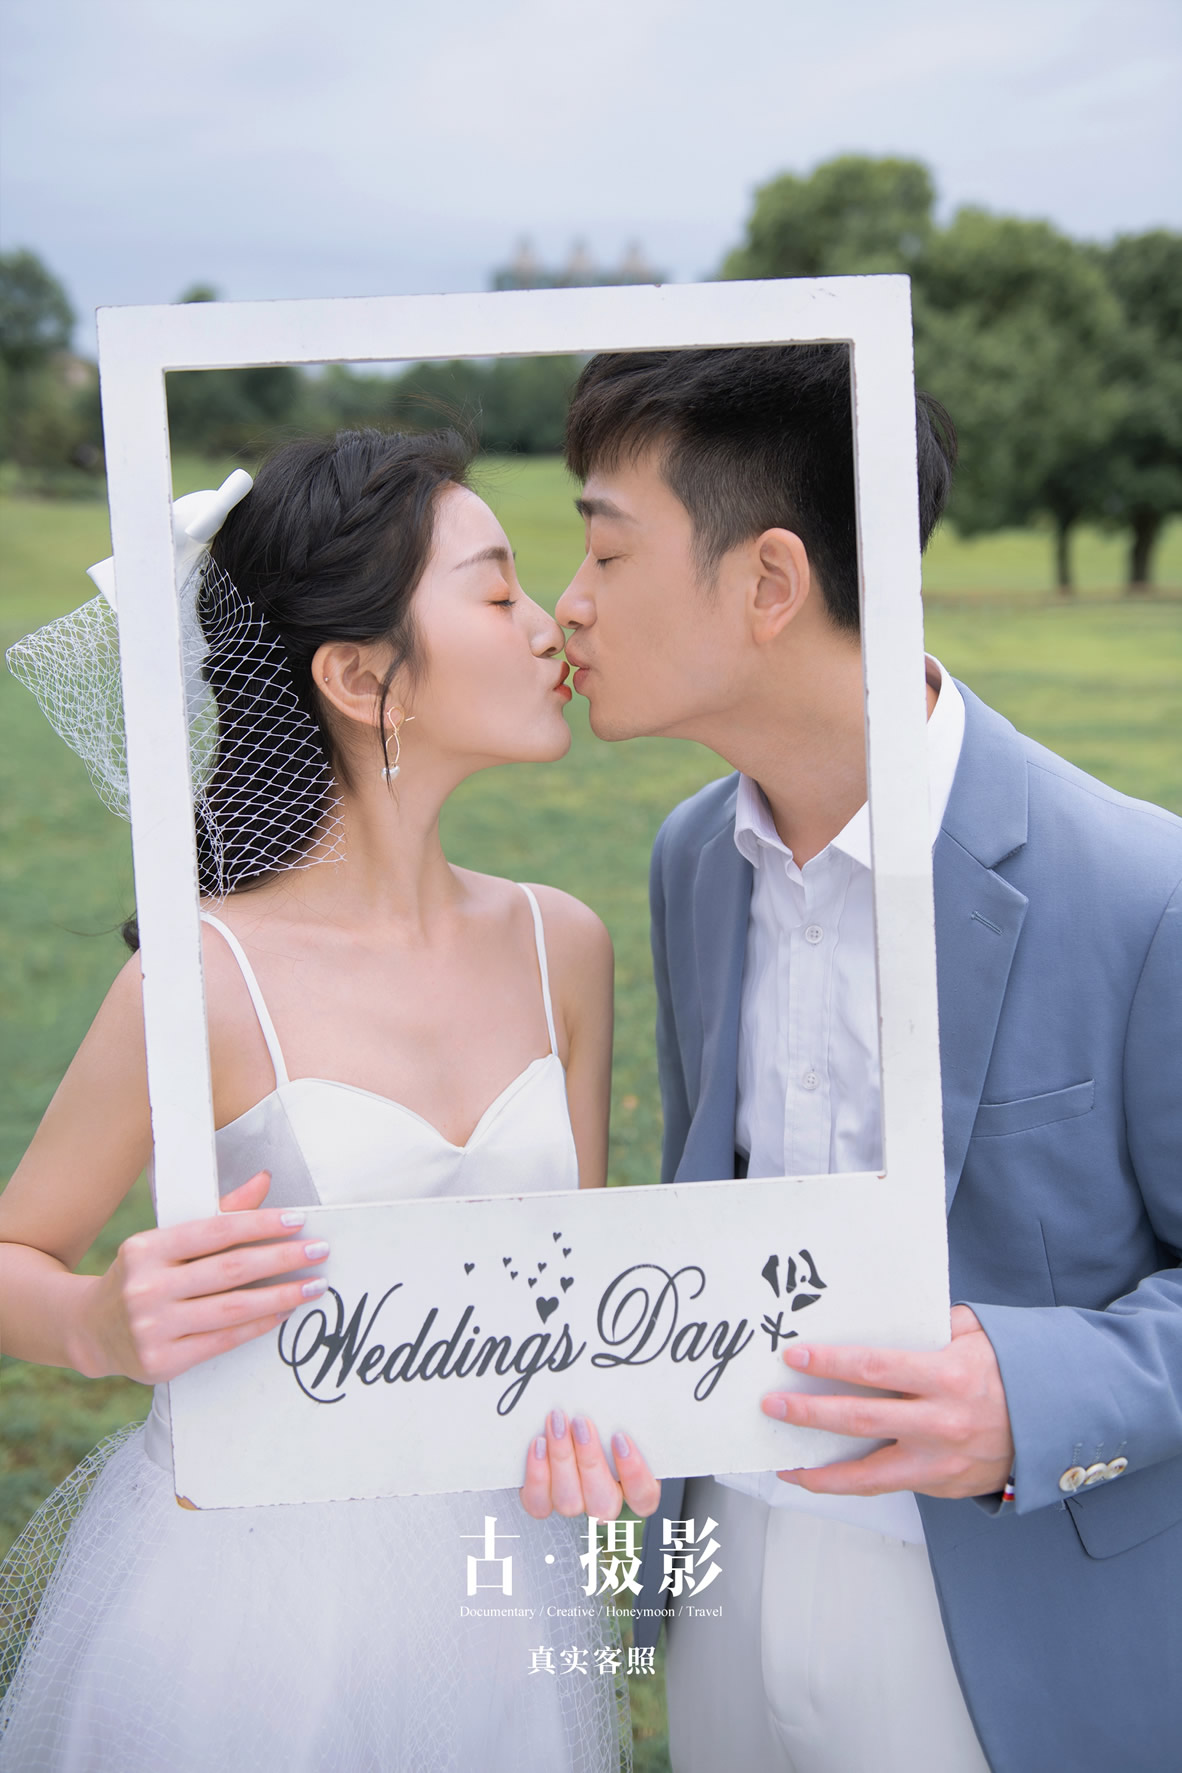 易先生 王小姐 - 每日客照 - 古摄影婚纱艺术-古摄影成都婚纱摄影艺术摄影网